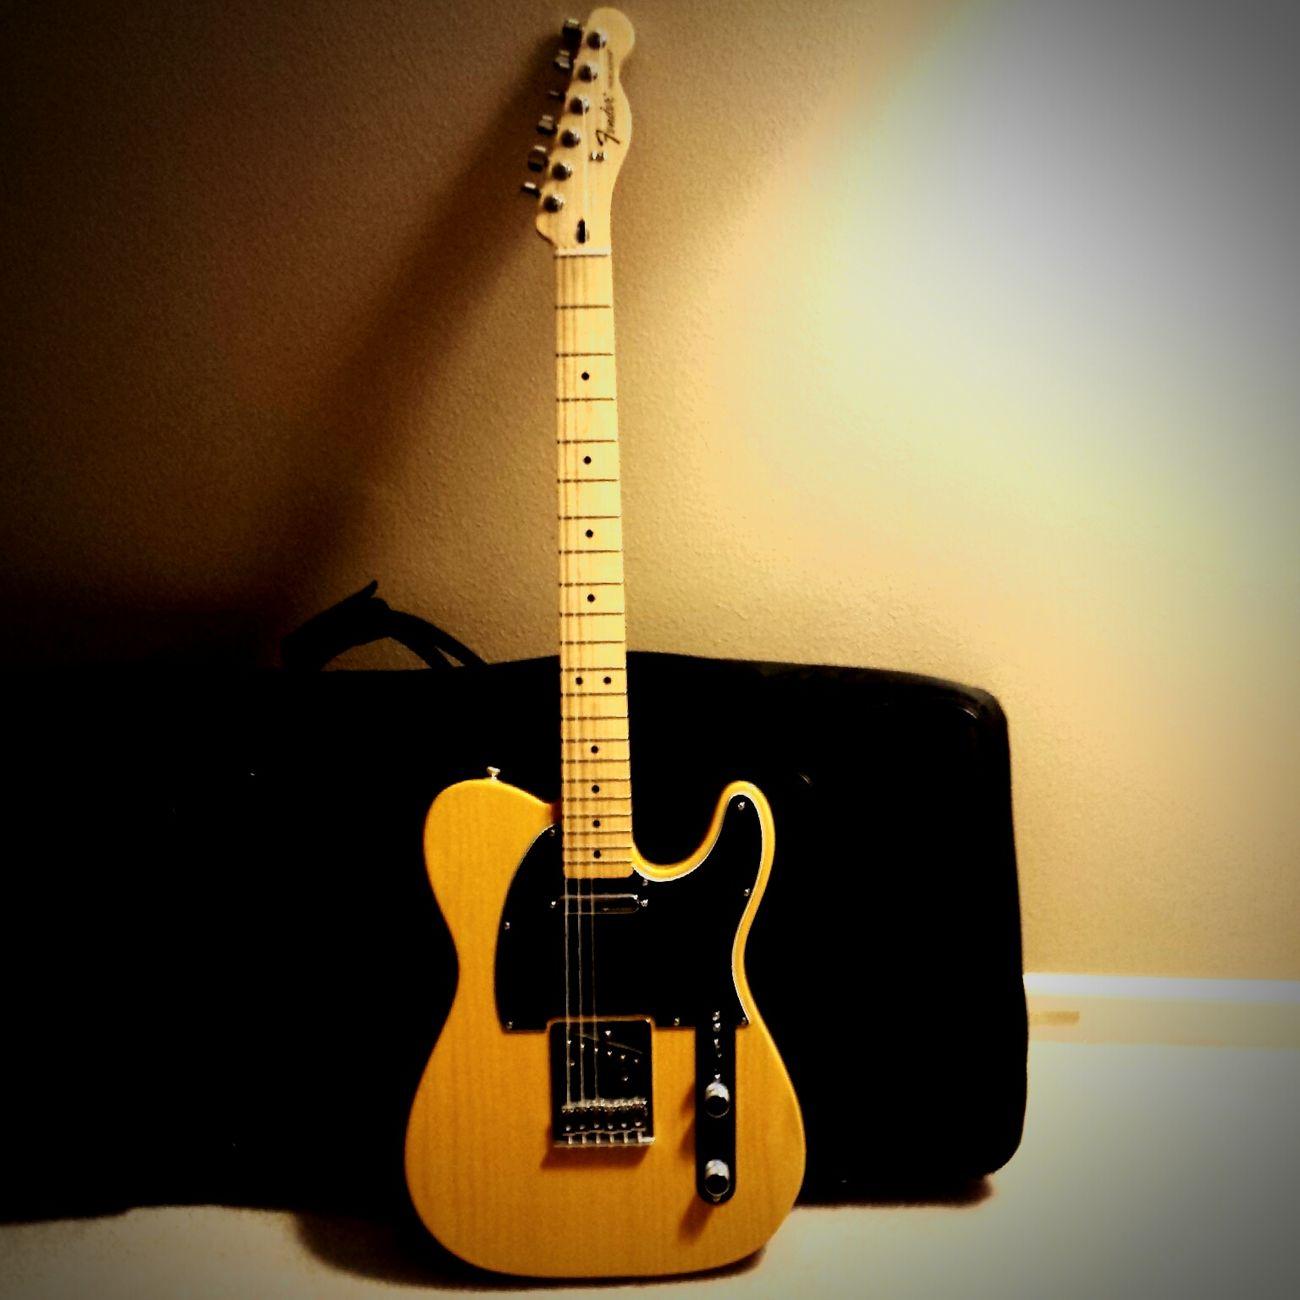 Fender Telecaster Fender Telecaster Musician's Life Music Is My Life Guitarhero